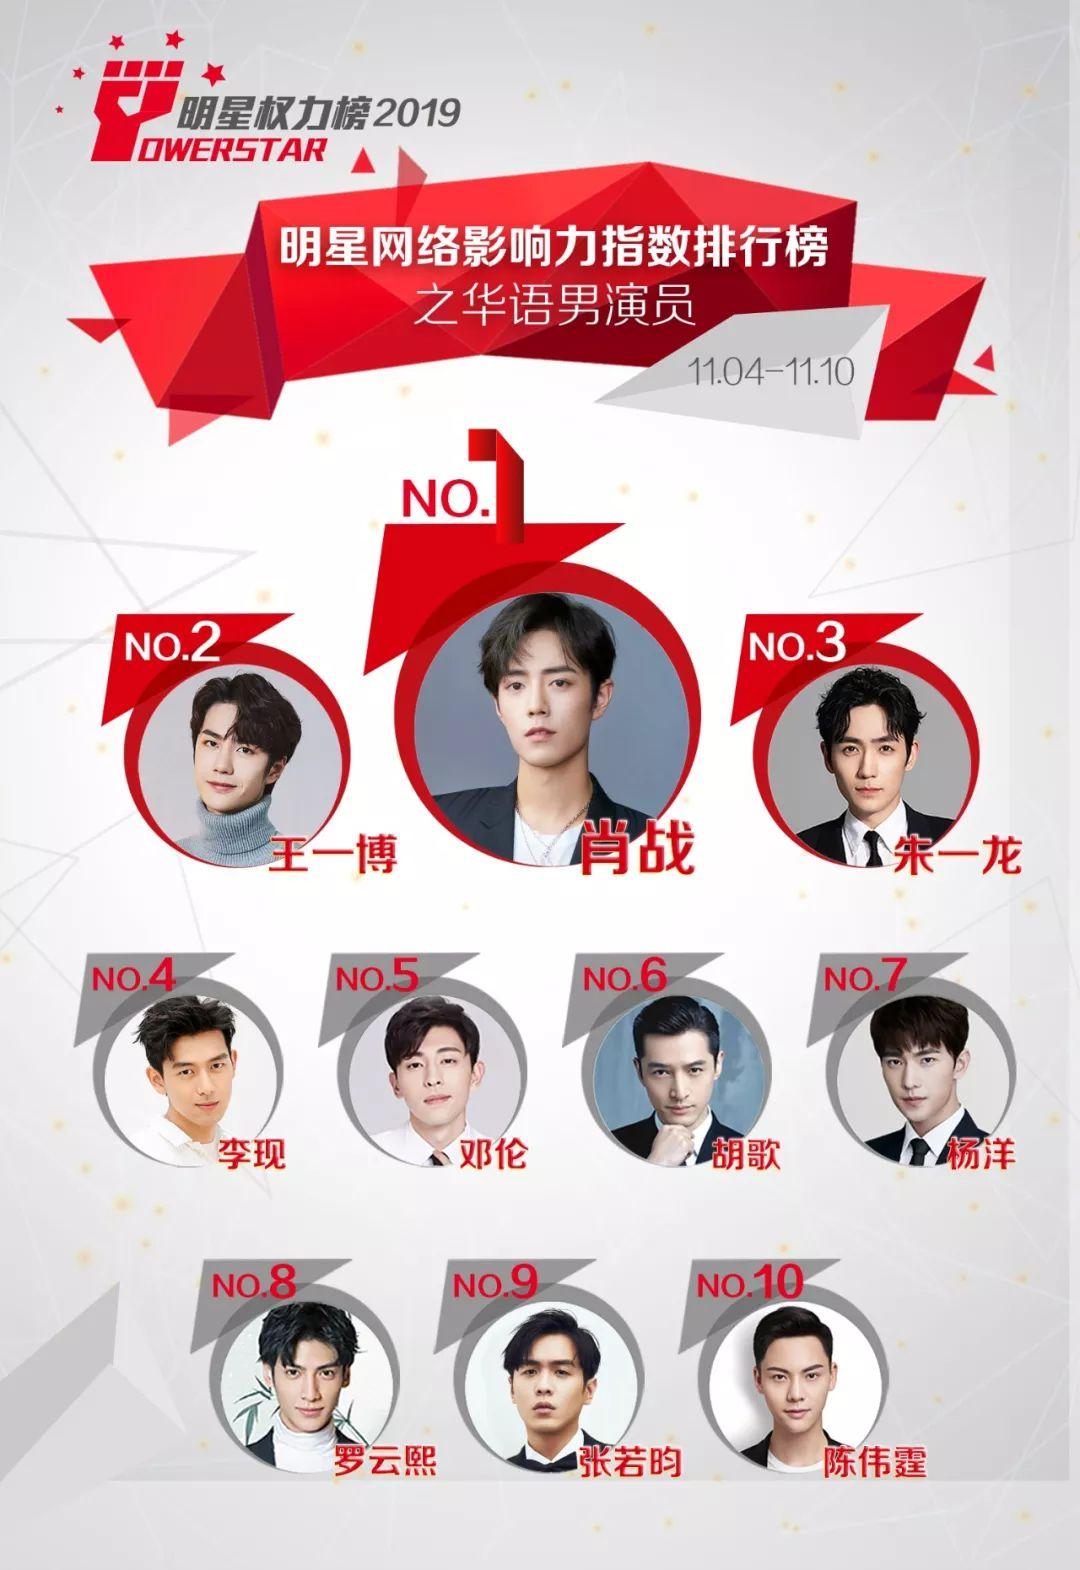 明星网络影响力指数排行榜第224期榜单之华语男演员Top10_肖战